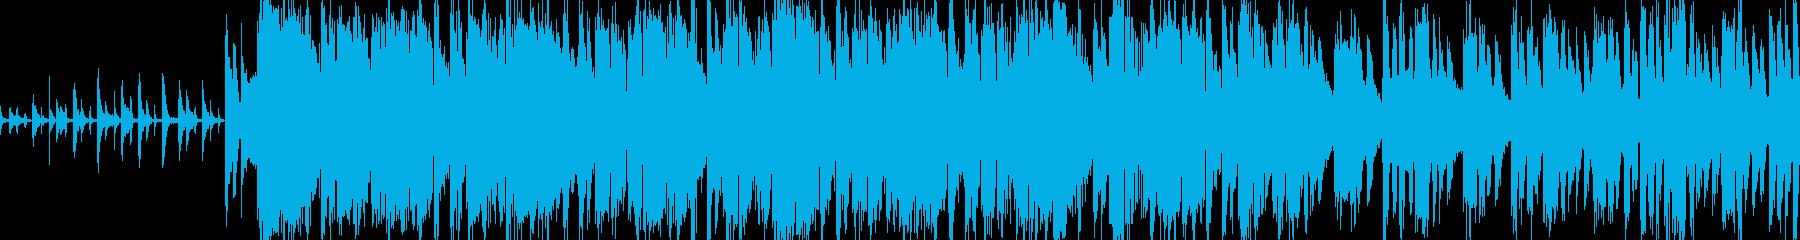 不気味なダンジョンを探索するロックの再生済みの波形